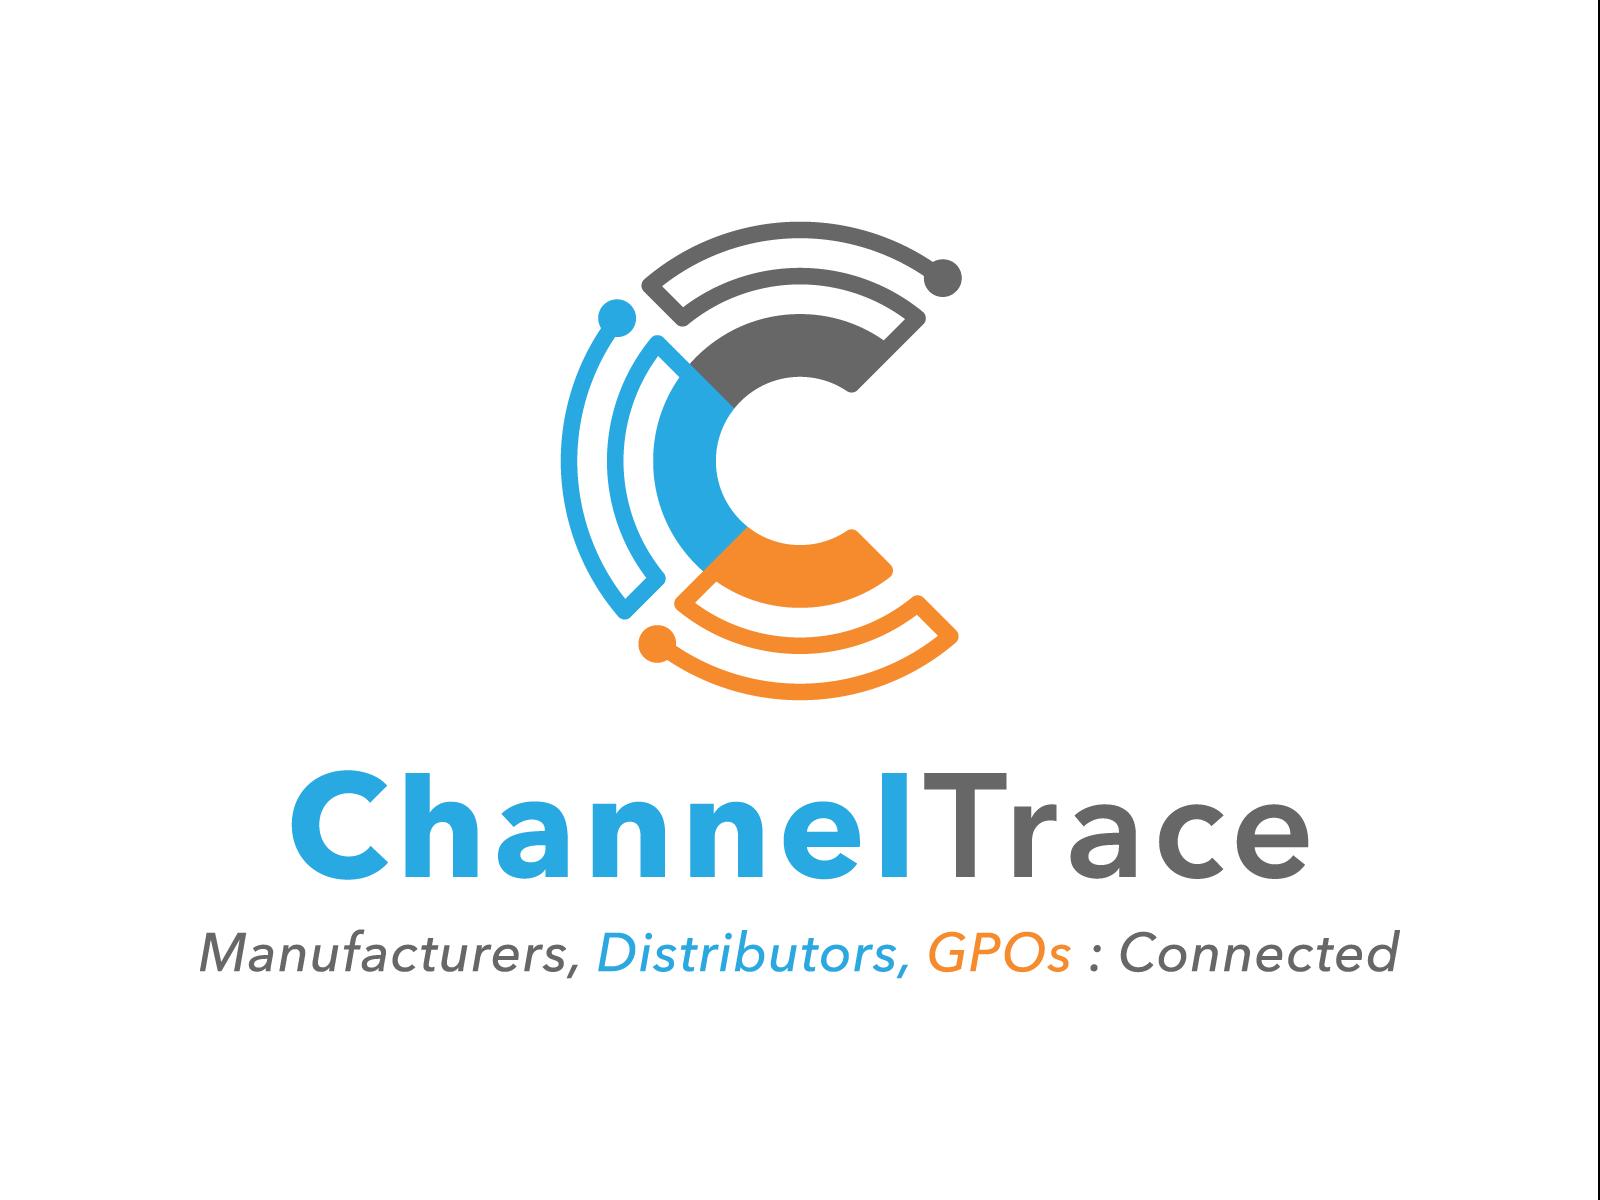 Channeltrace